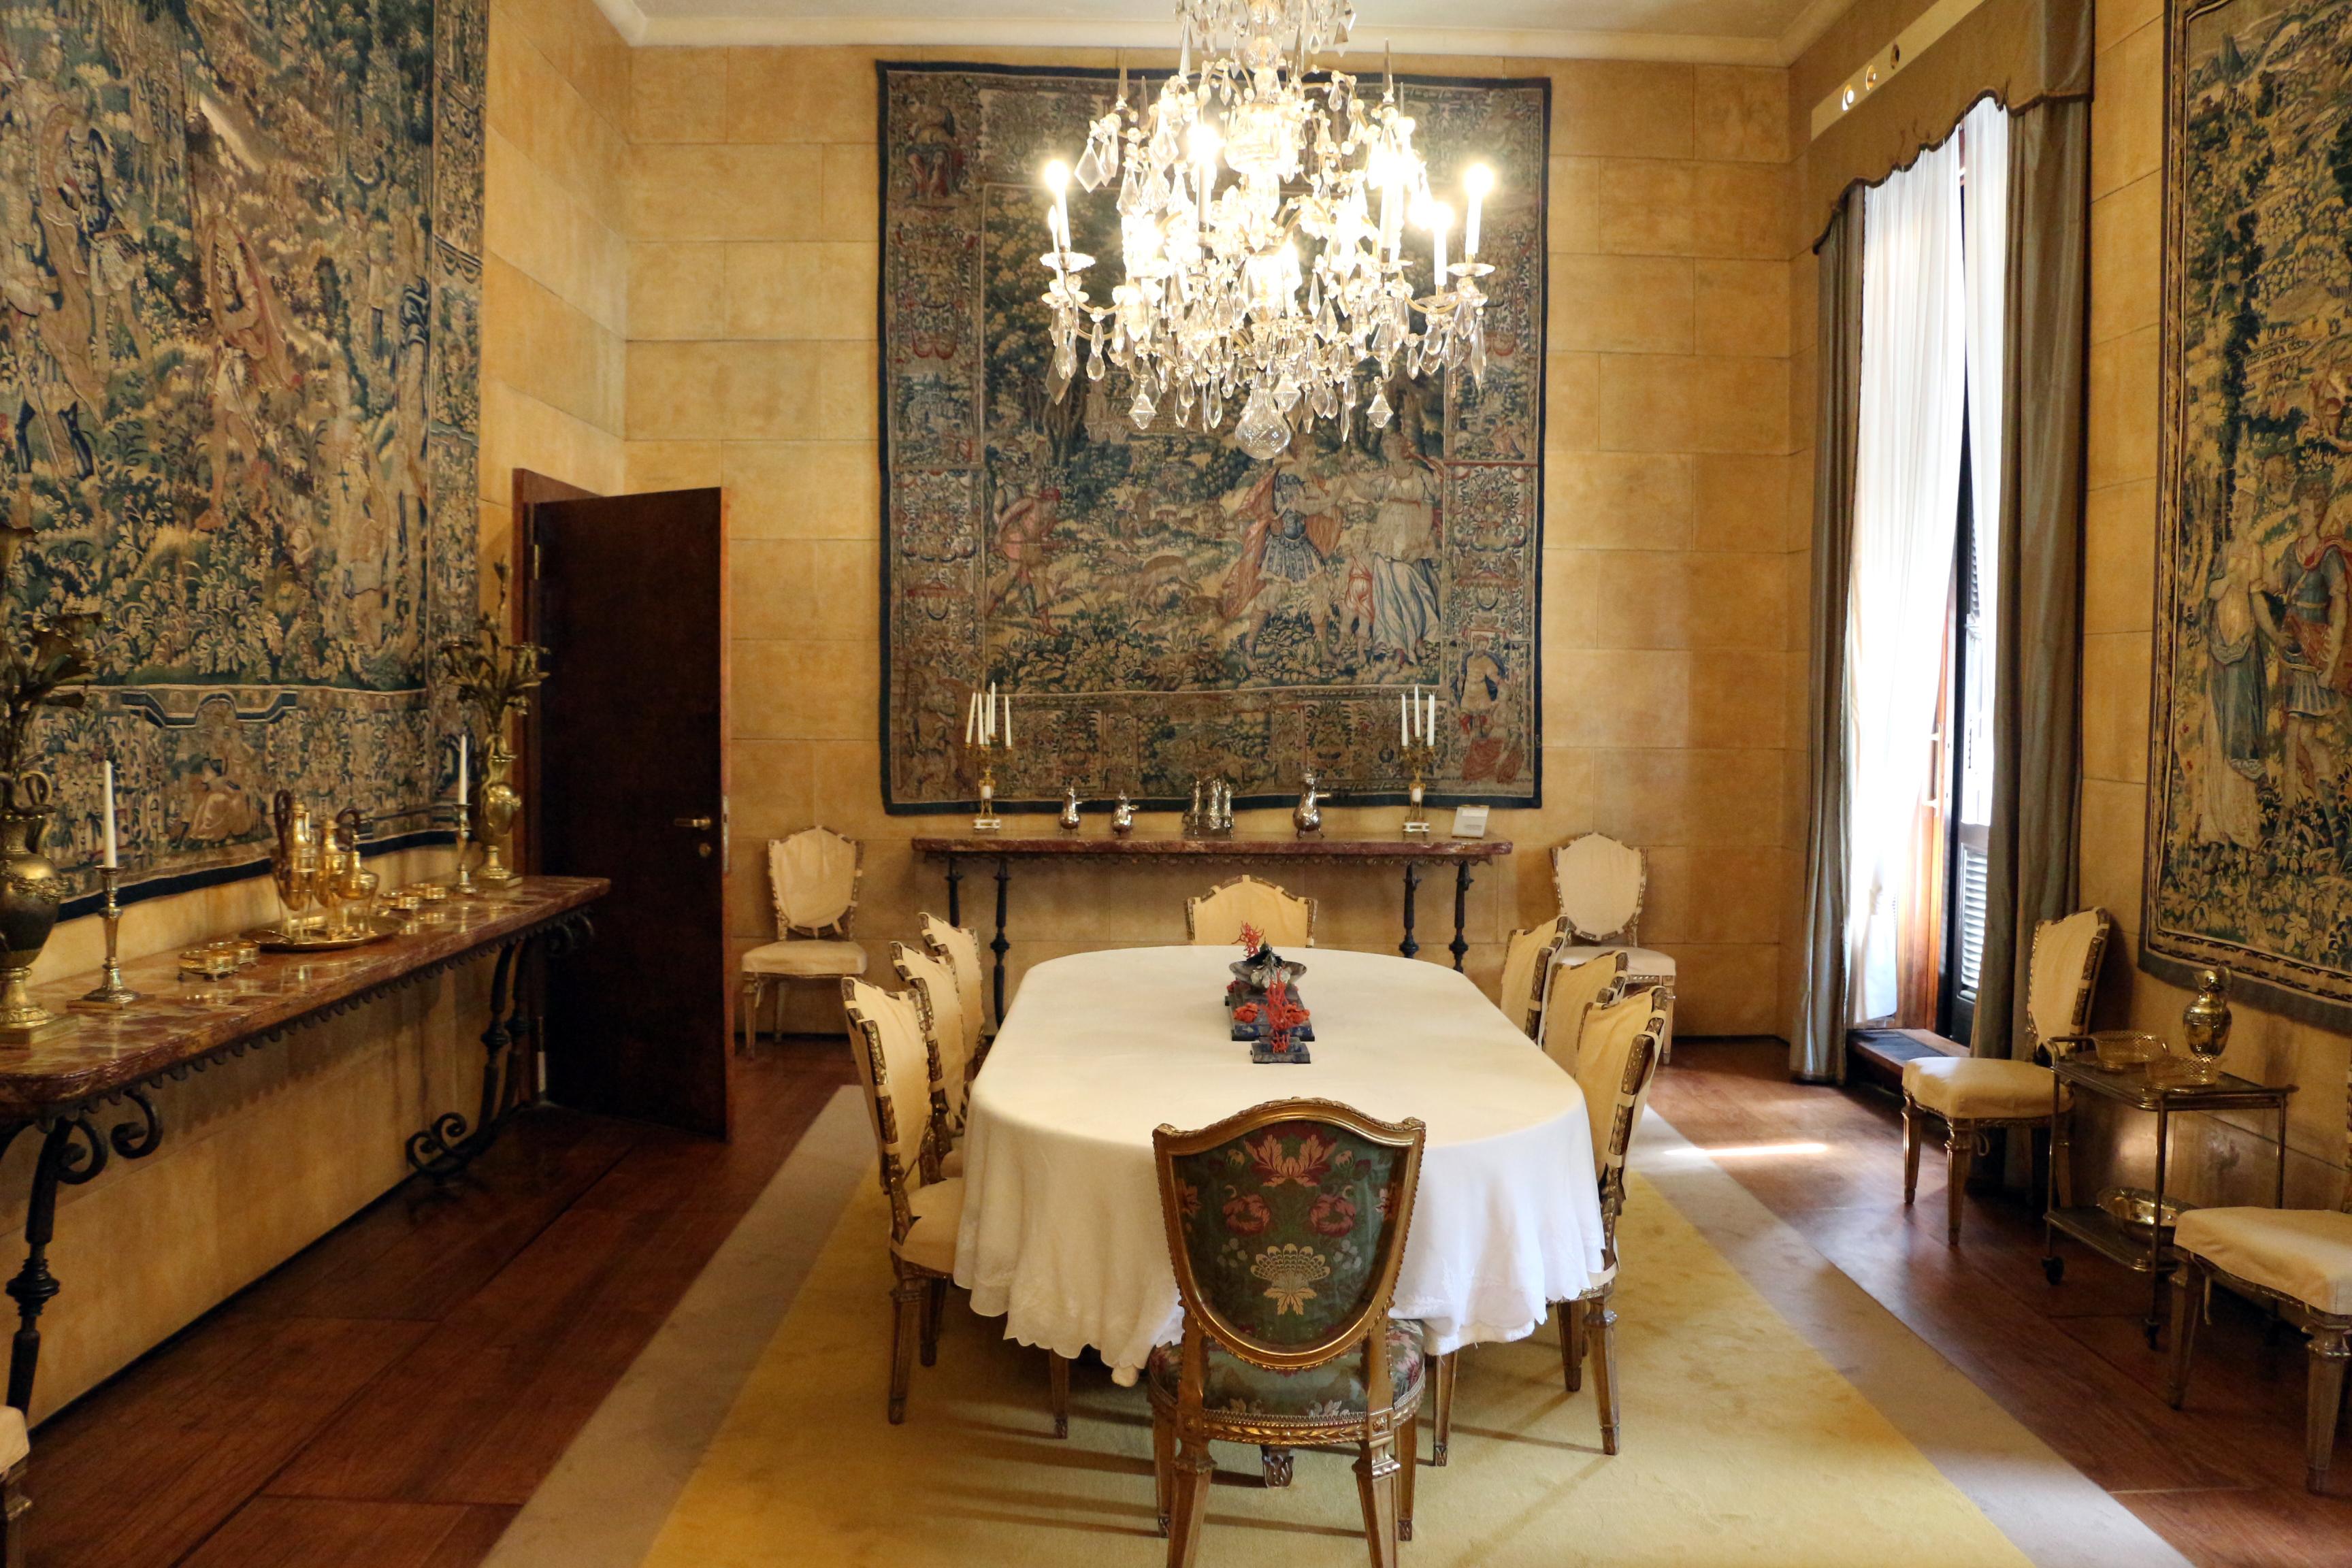 File:Villa necchi campiglio, sala da pranzo.jpg - Wikimedia Commons